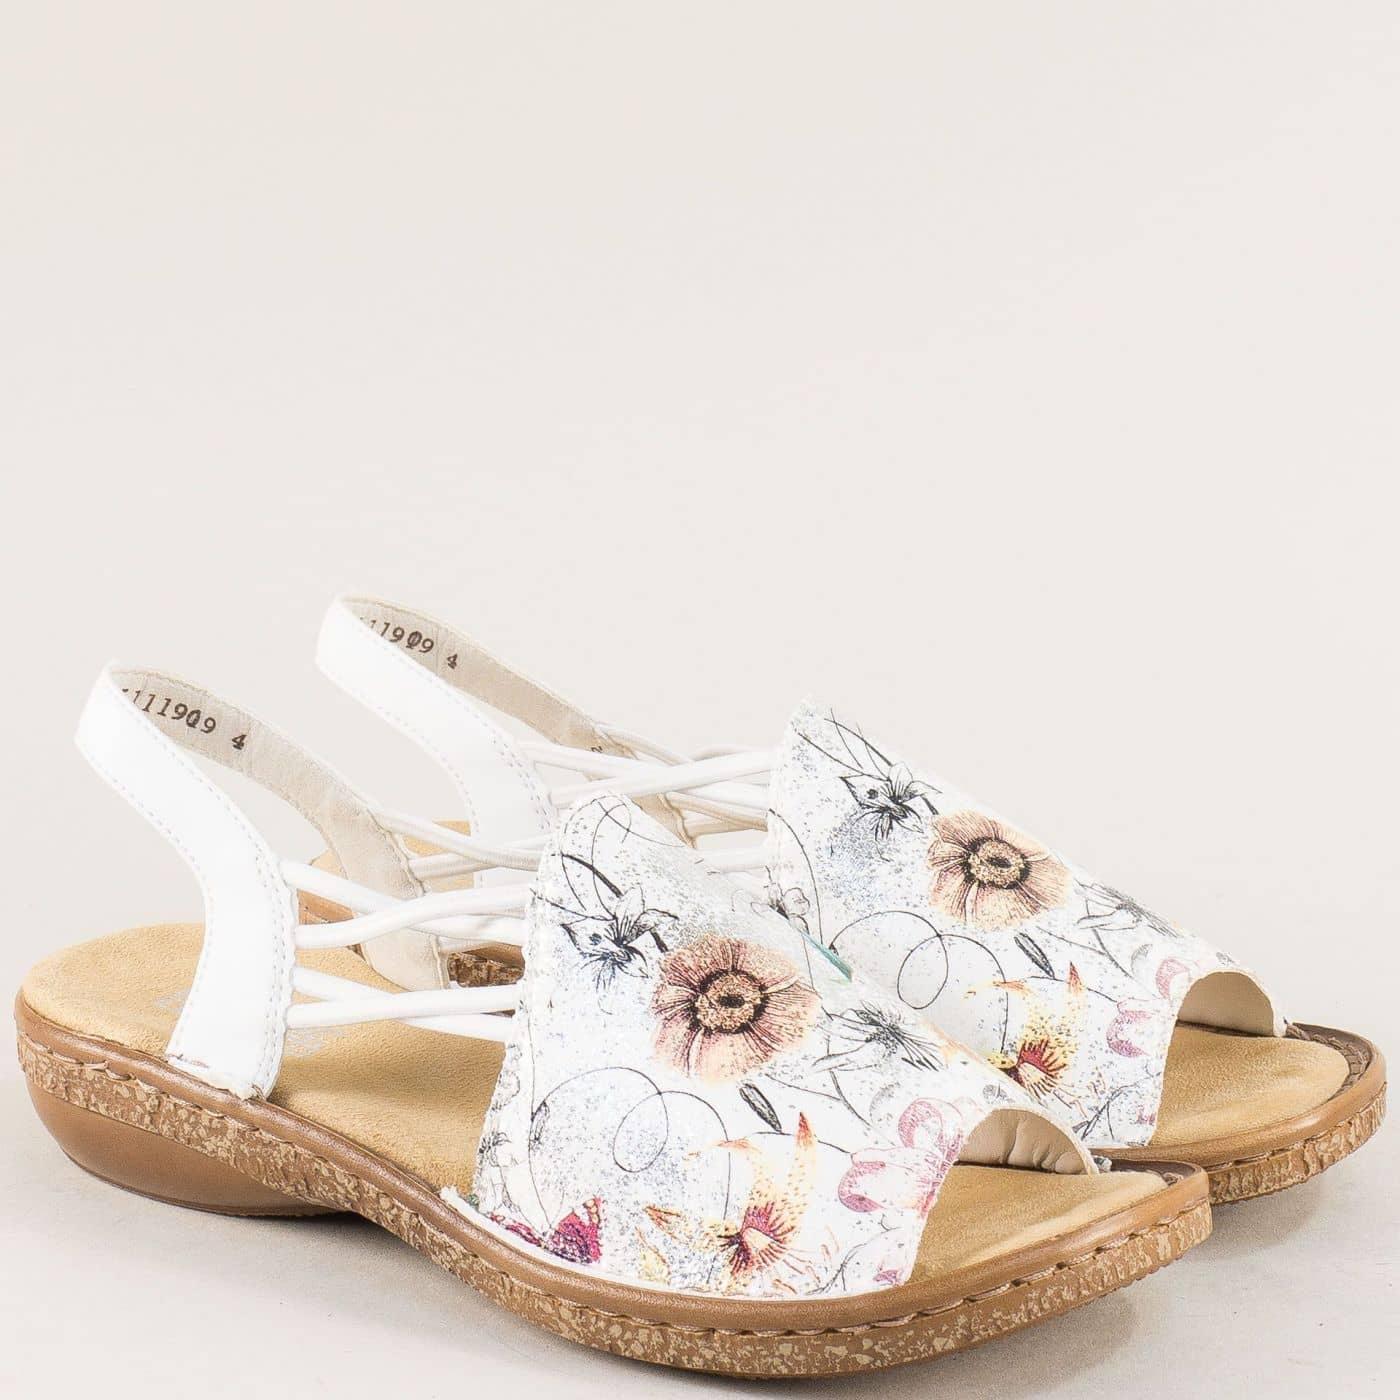 d137d23ea3f Бели дамски сандали с флорален принт и ластик- Rieker 6281bps - Sisi-bg.com